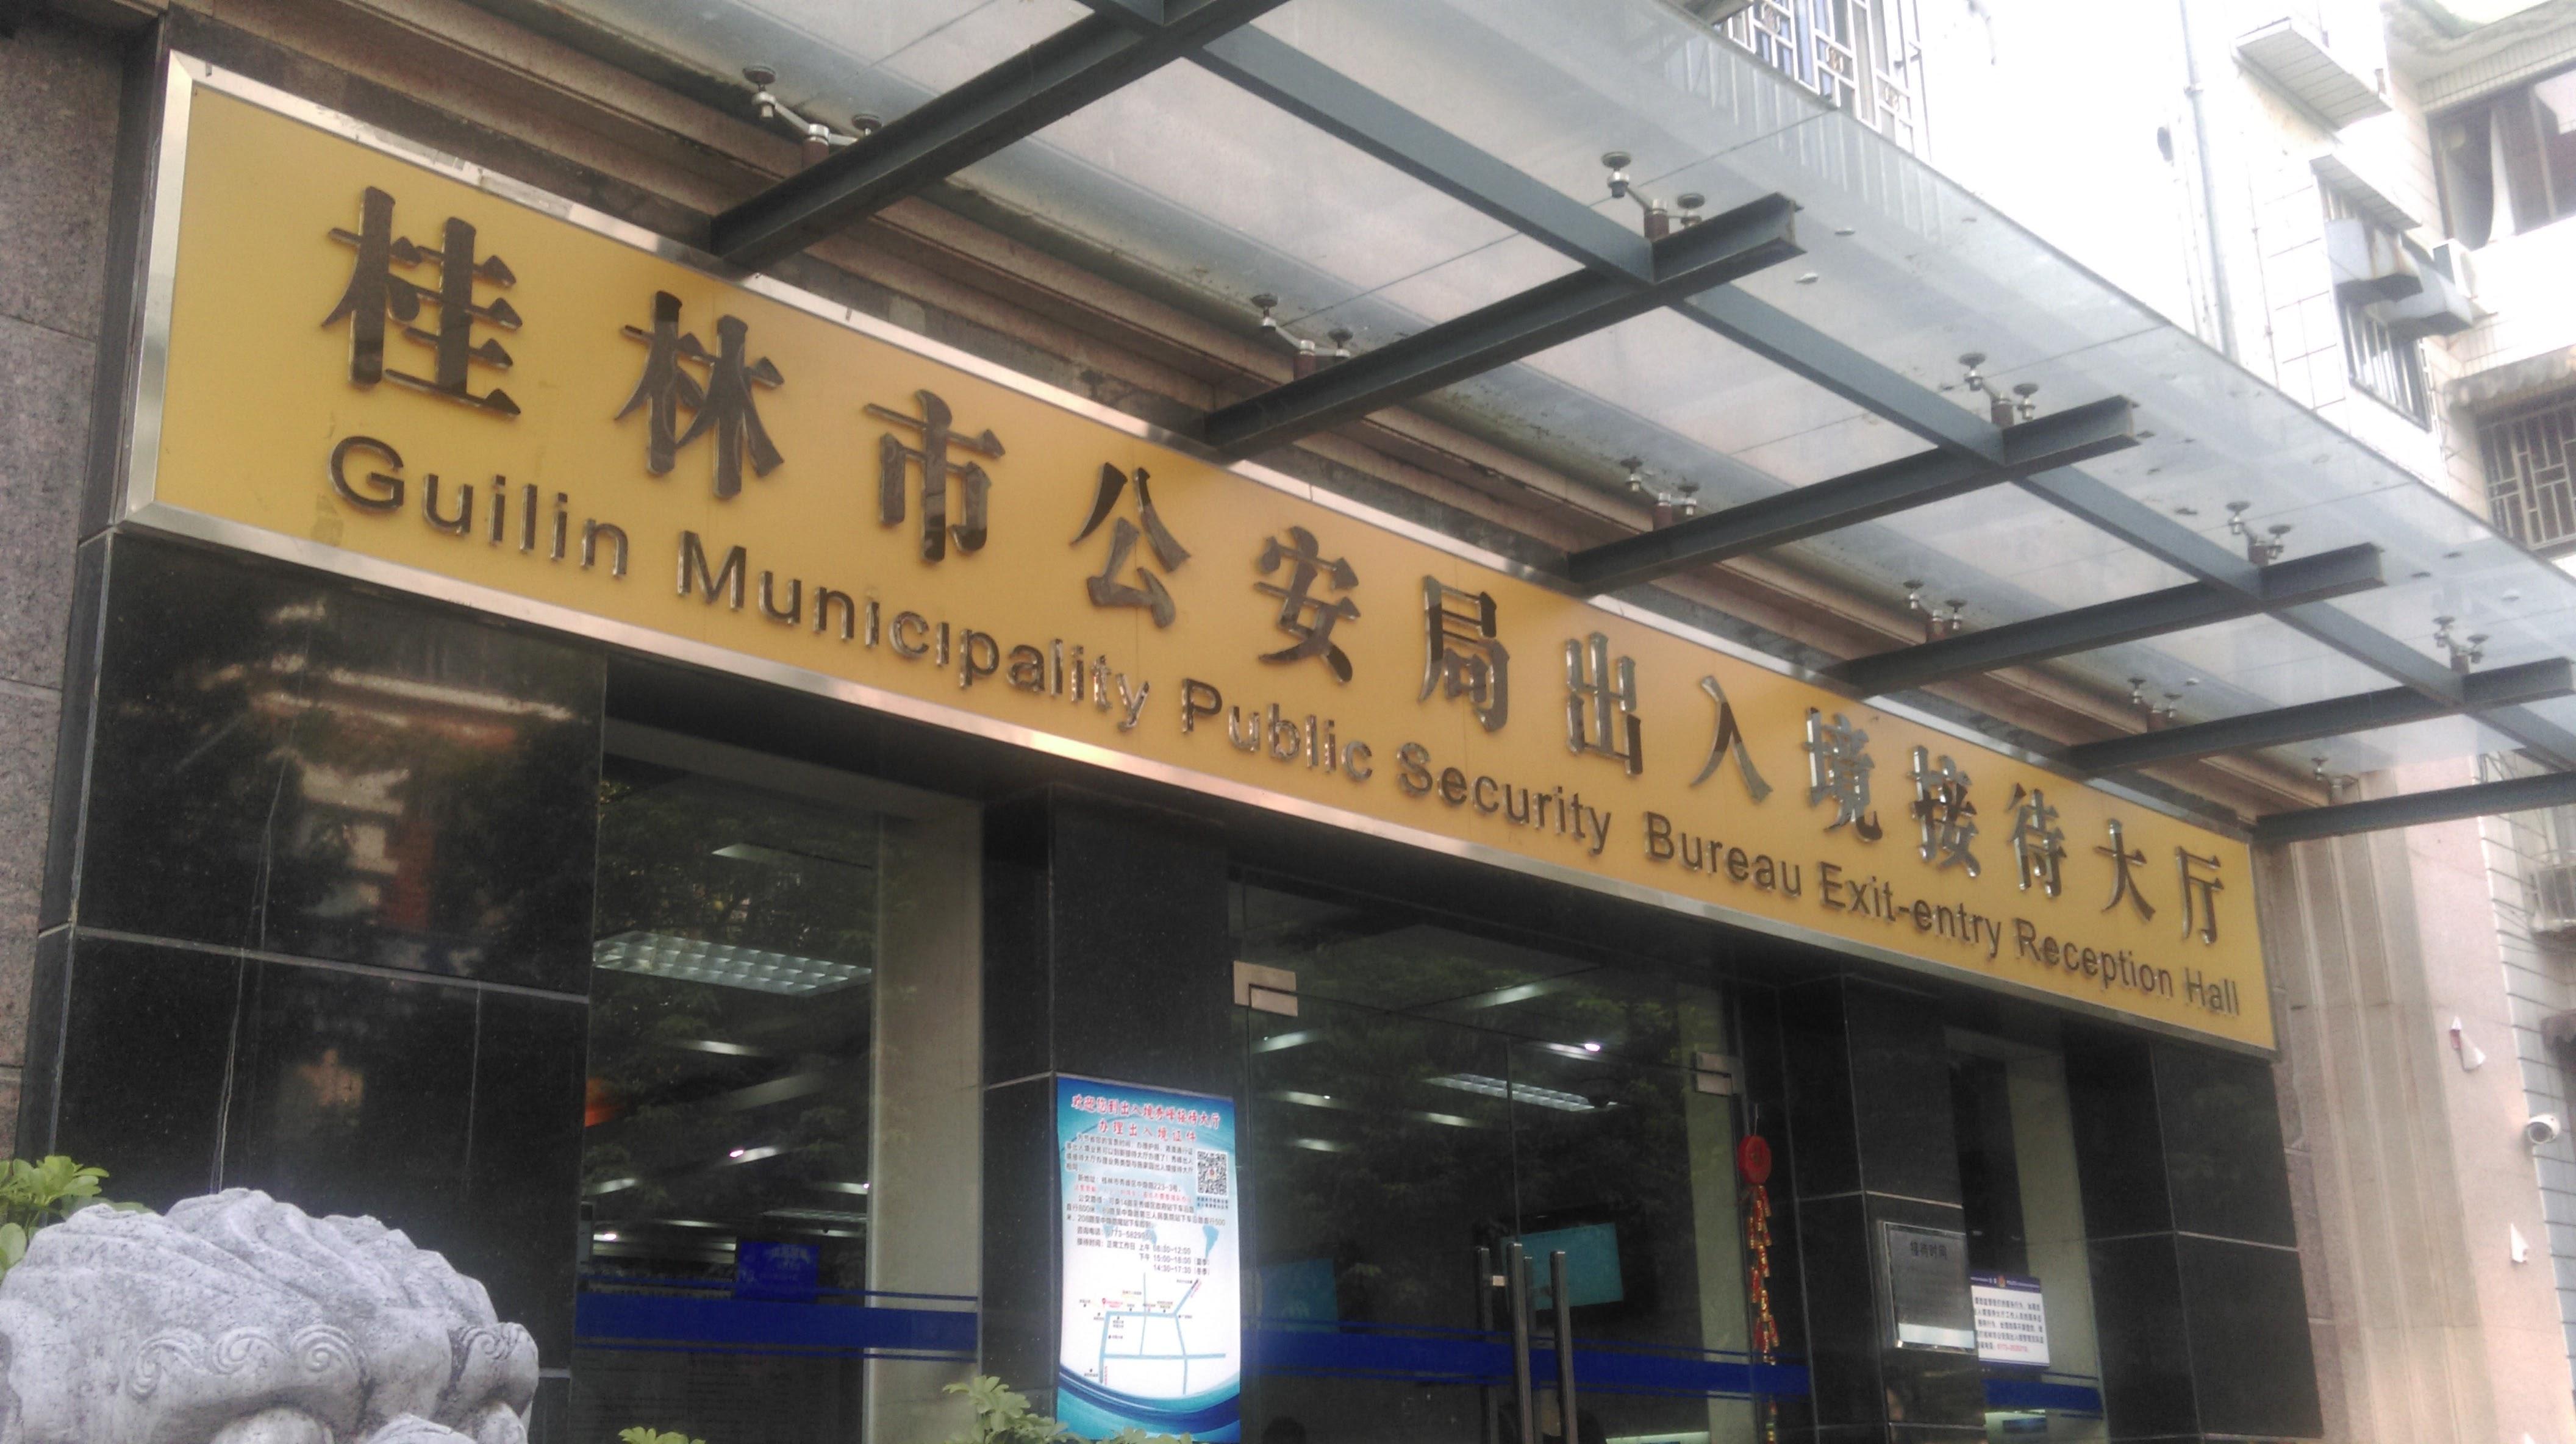 Gullin Visa office